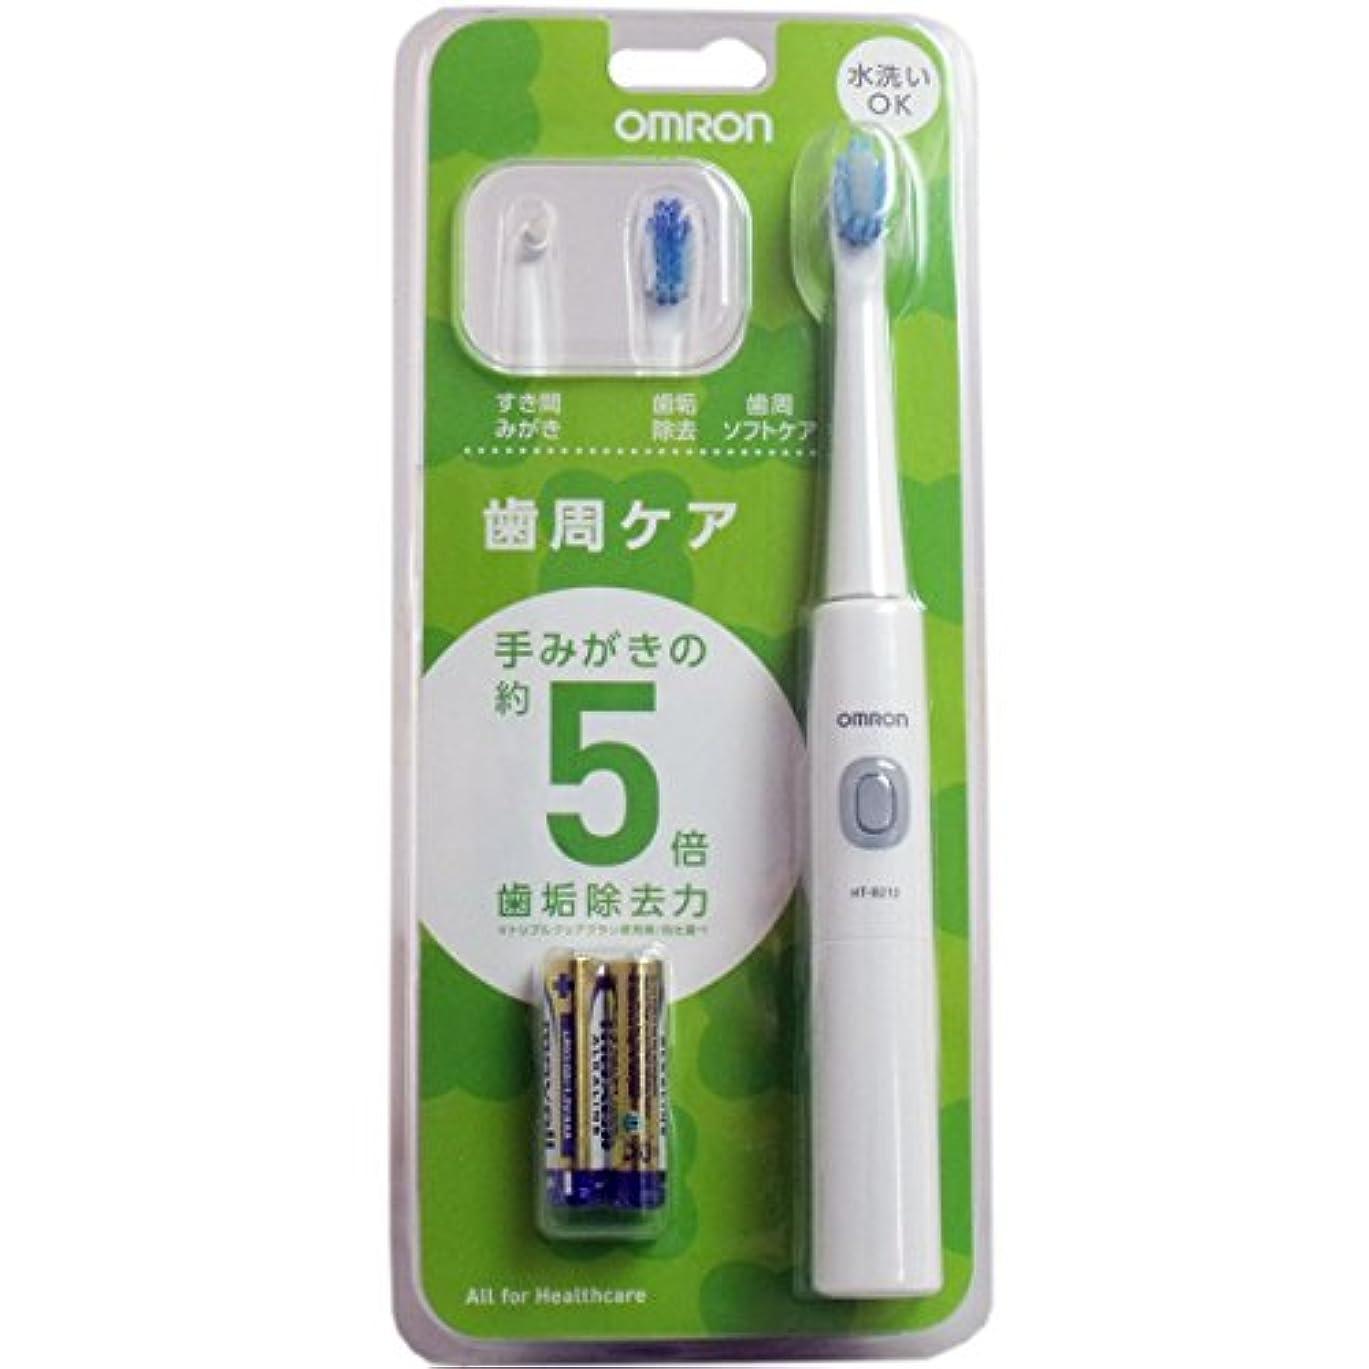 コンドーム叫ぶ策定するオムロンヘルスケア 音波式電動歯ブラシ HT-B212